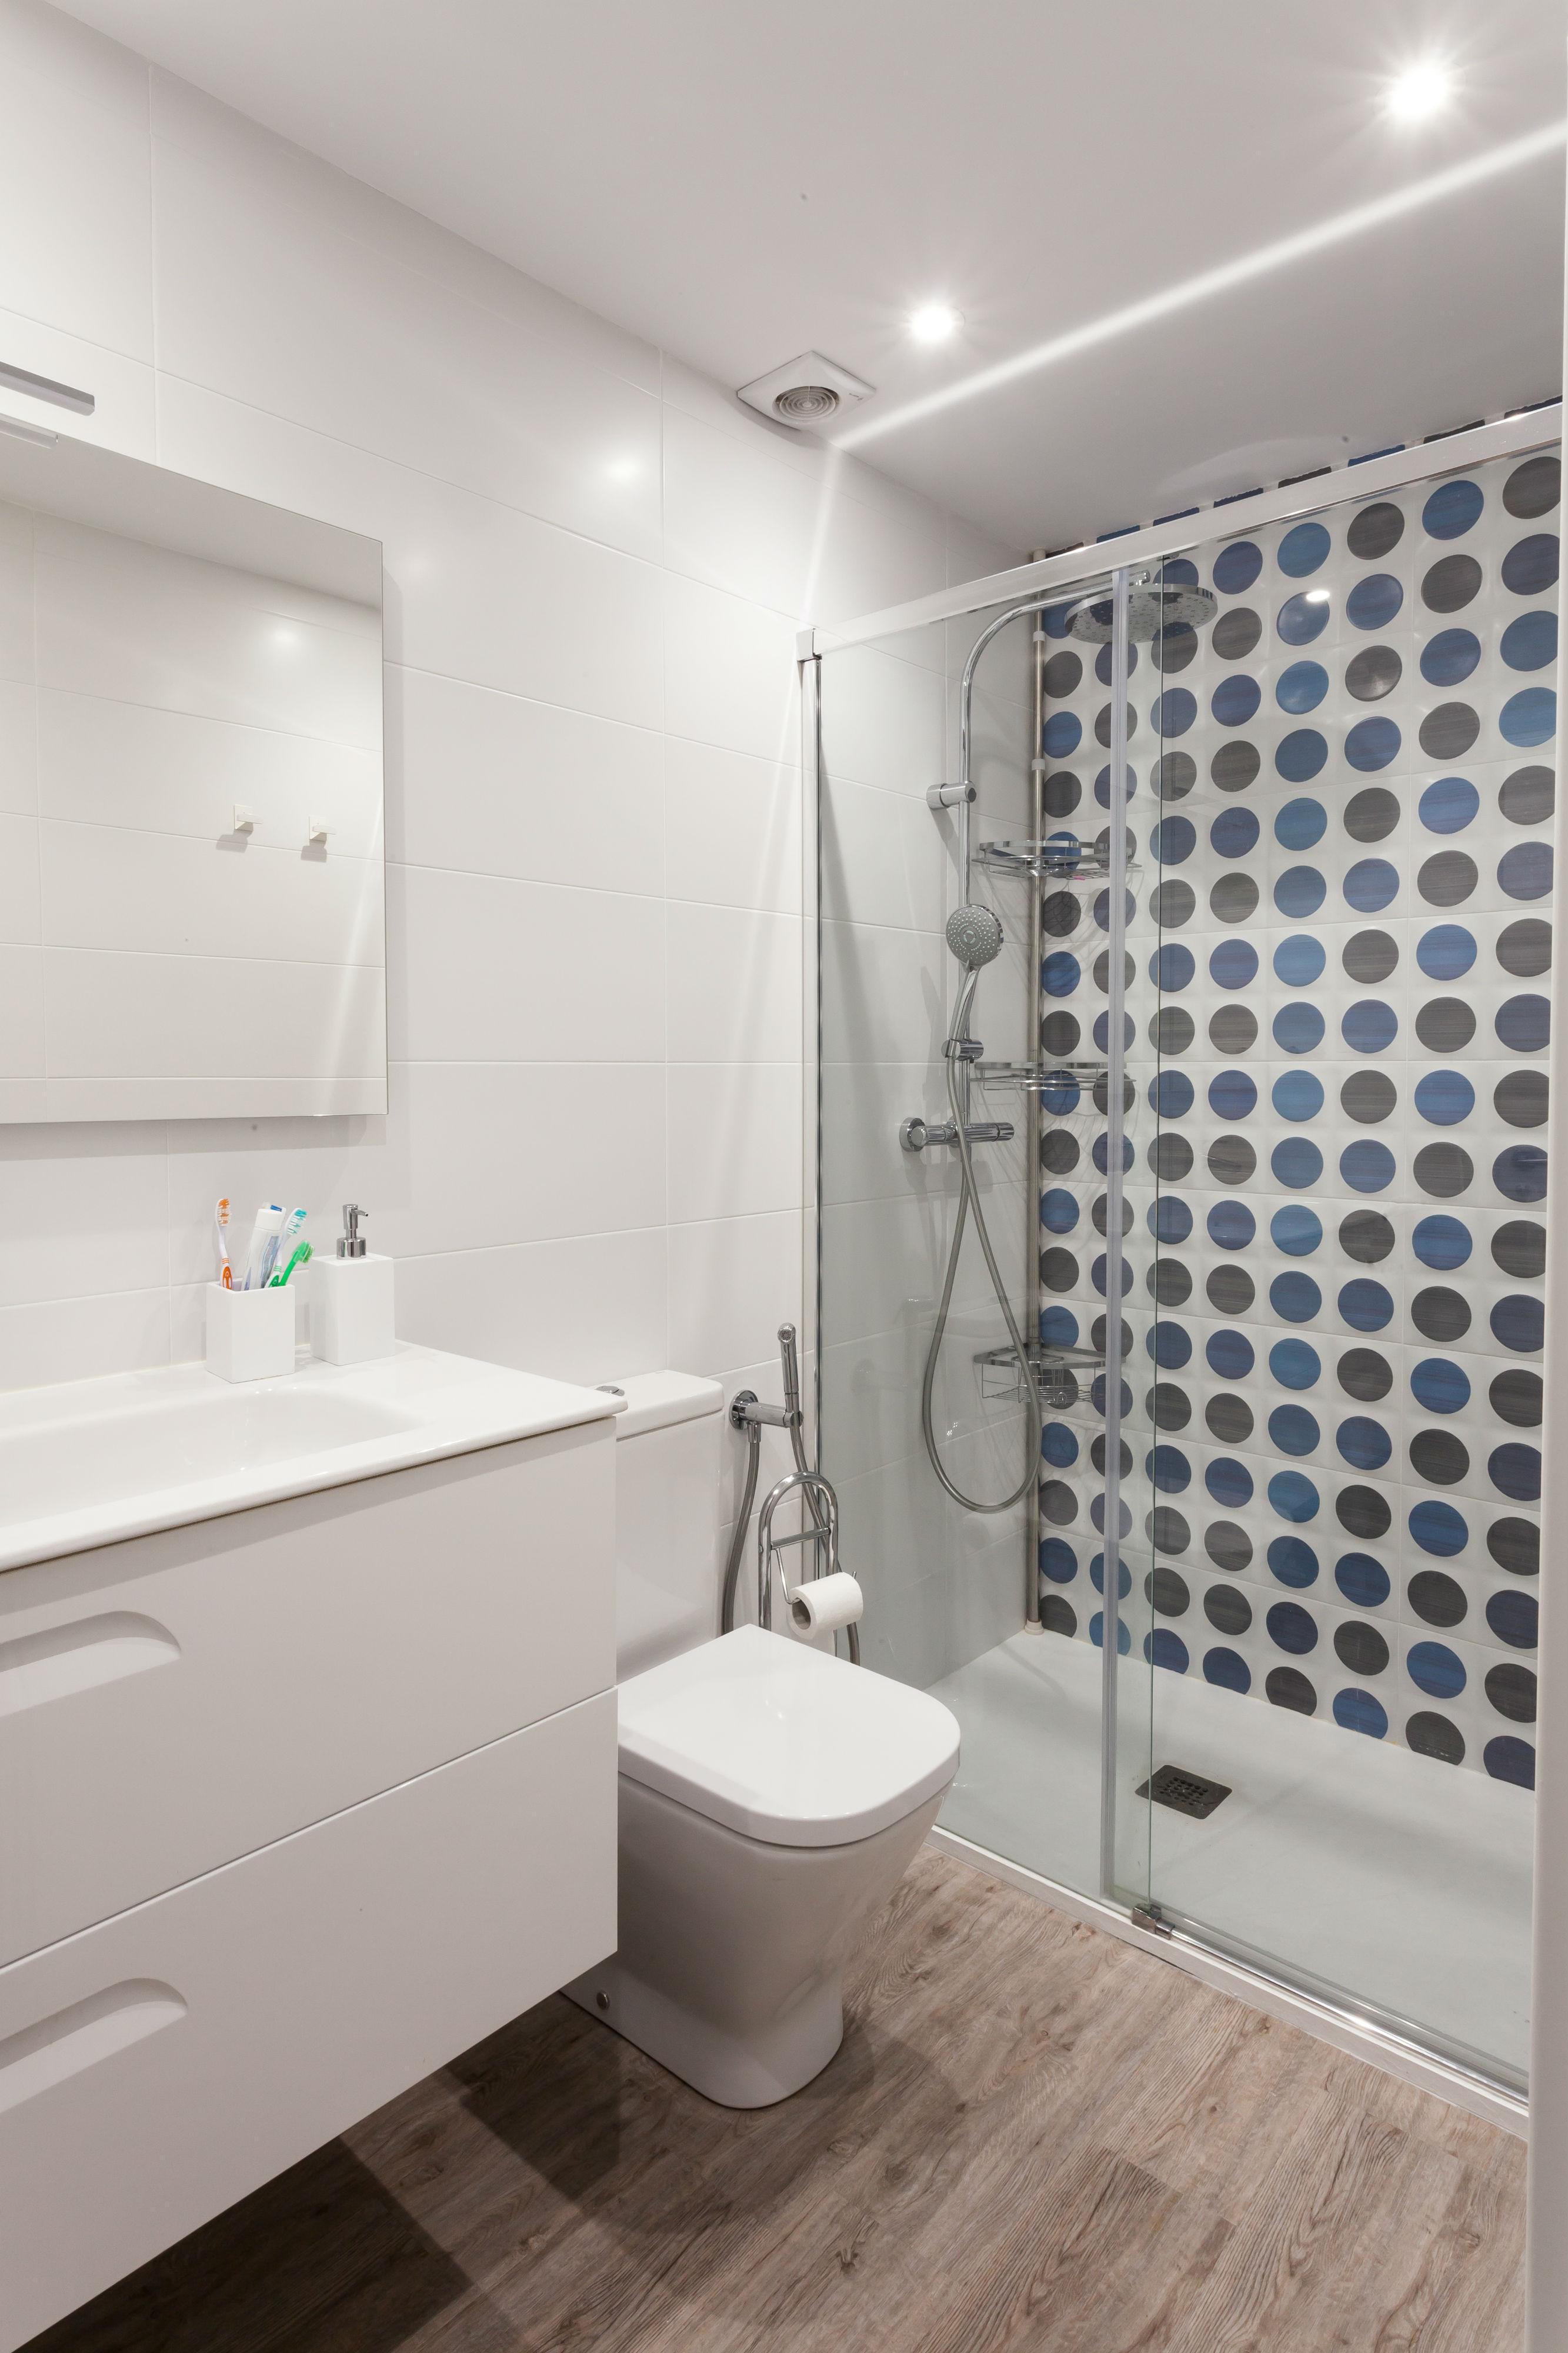 Reforma integral del baño del pasillo de esta vivienda ubicada en Galdakao